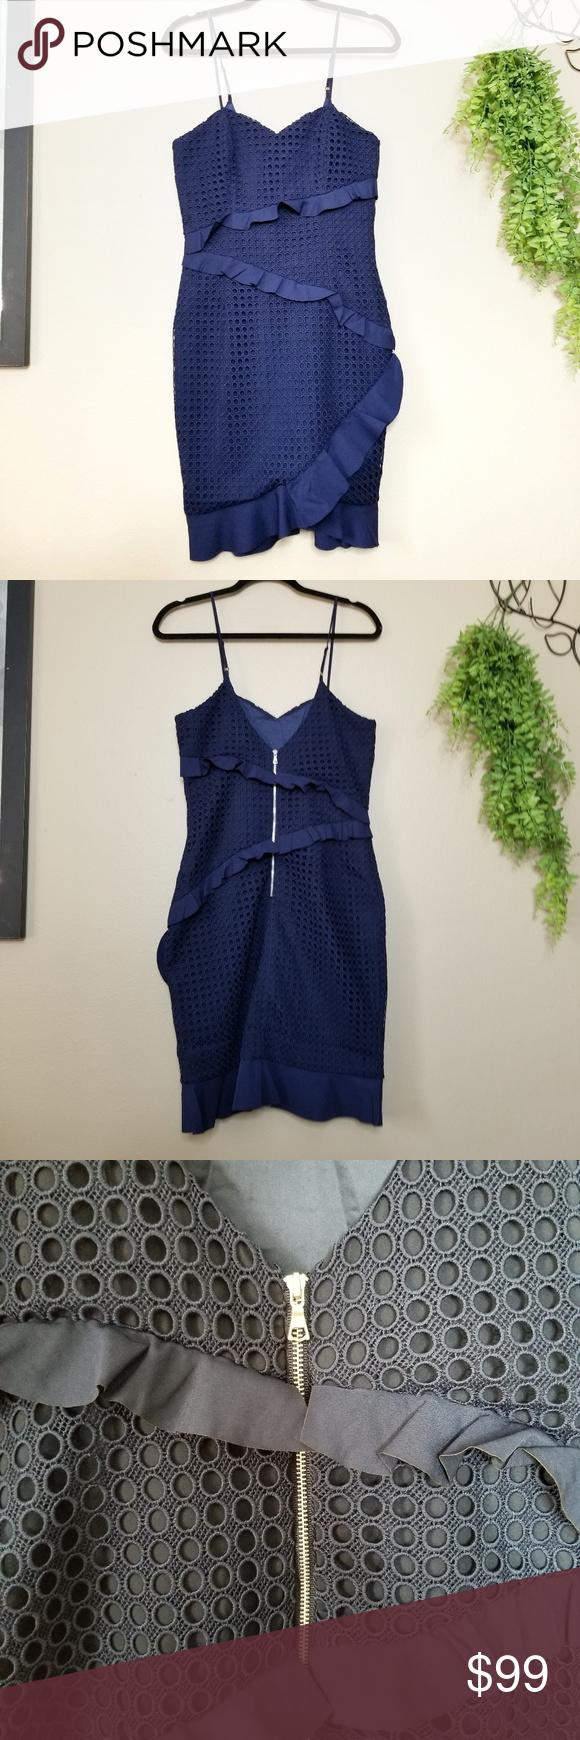 19++ Bardot fae lace dress ideas in 2021